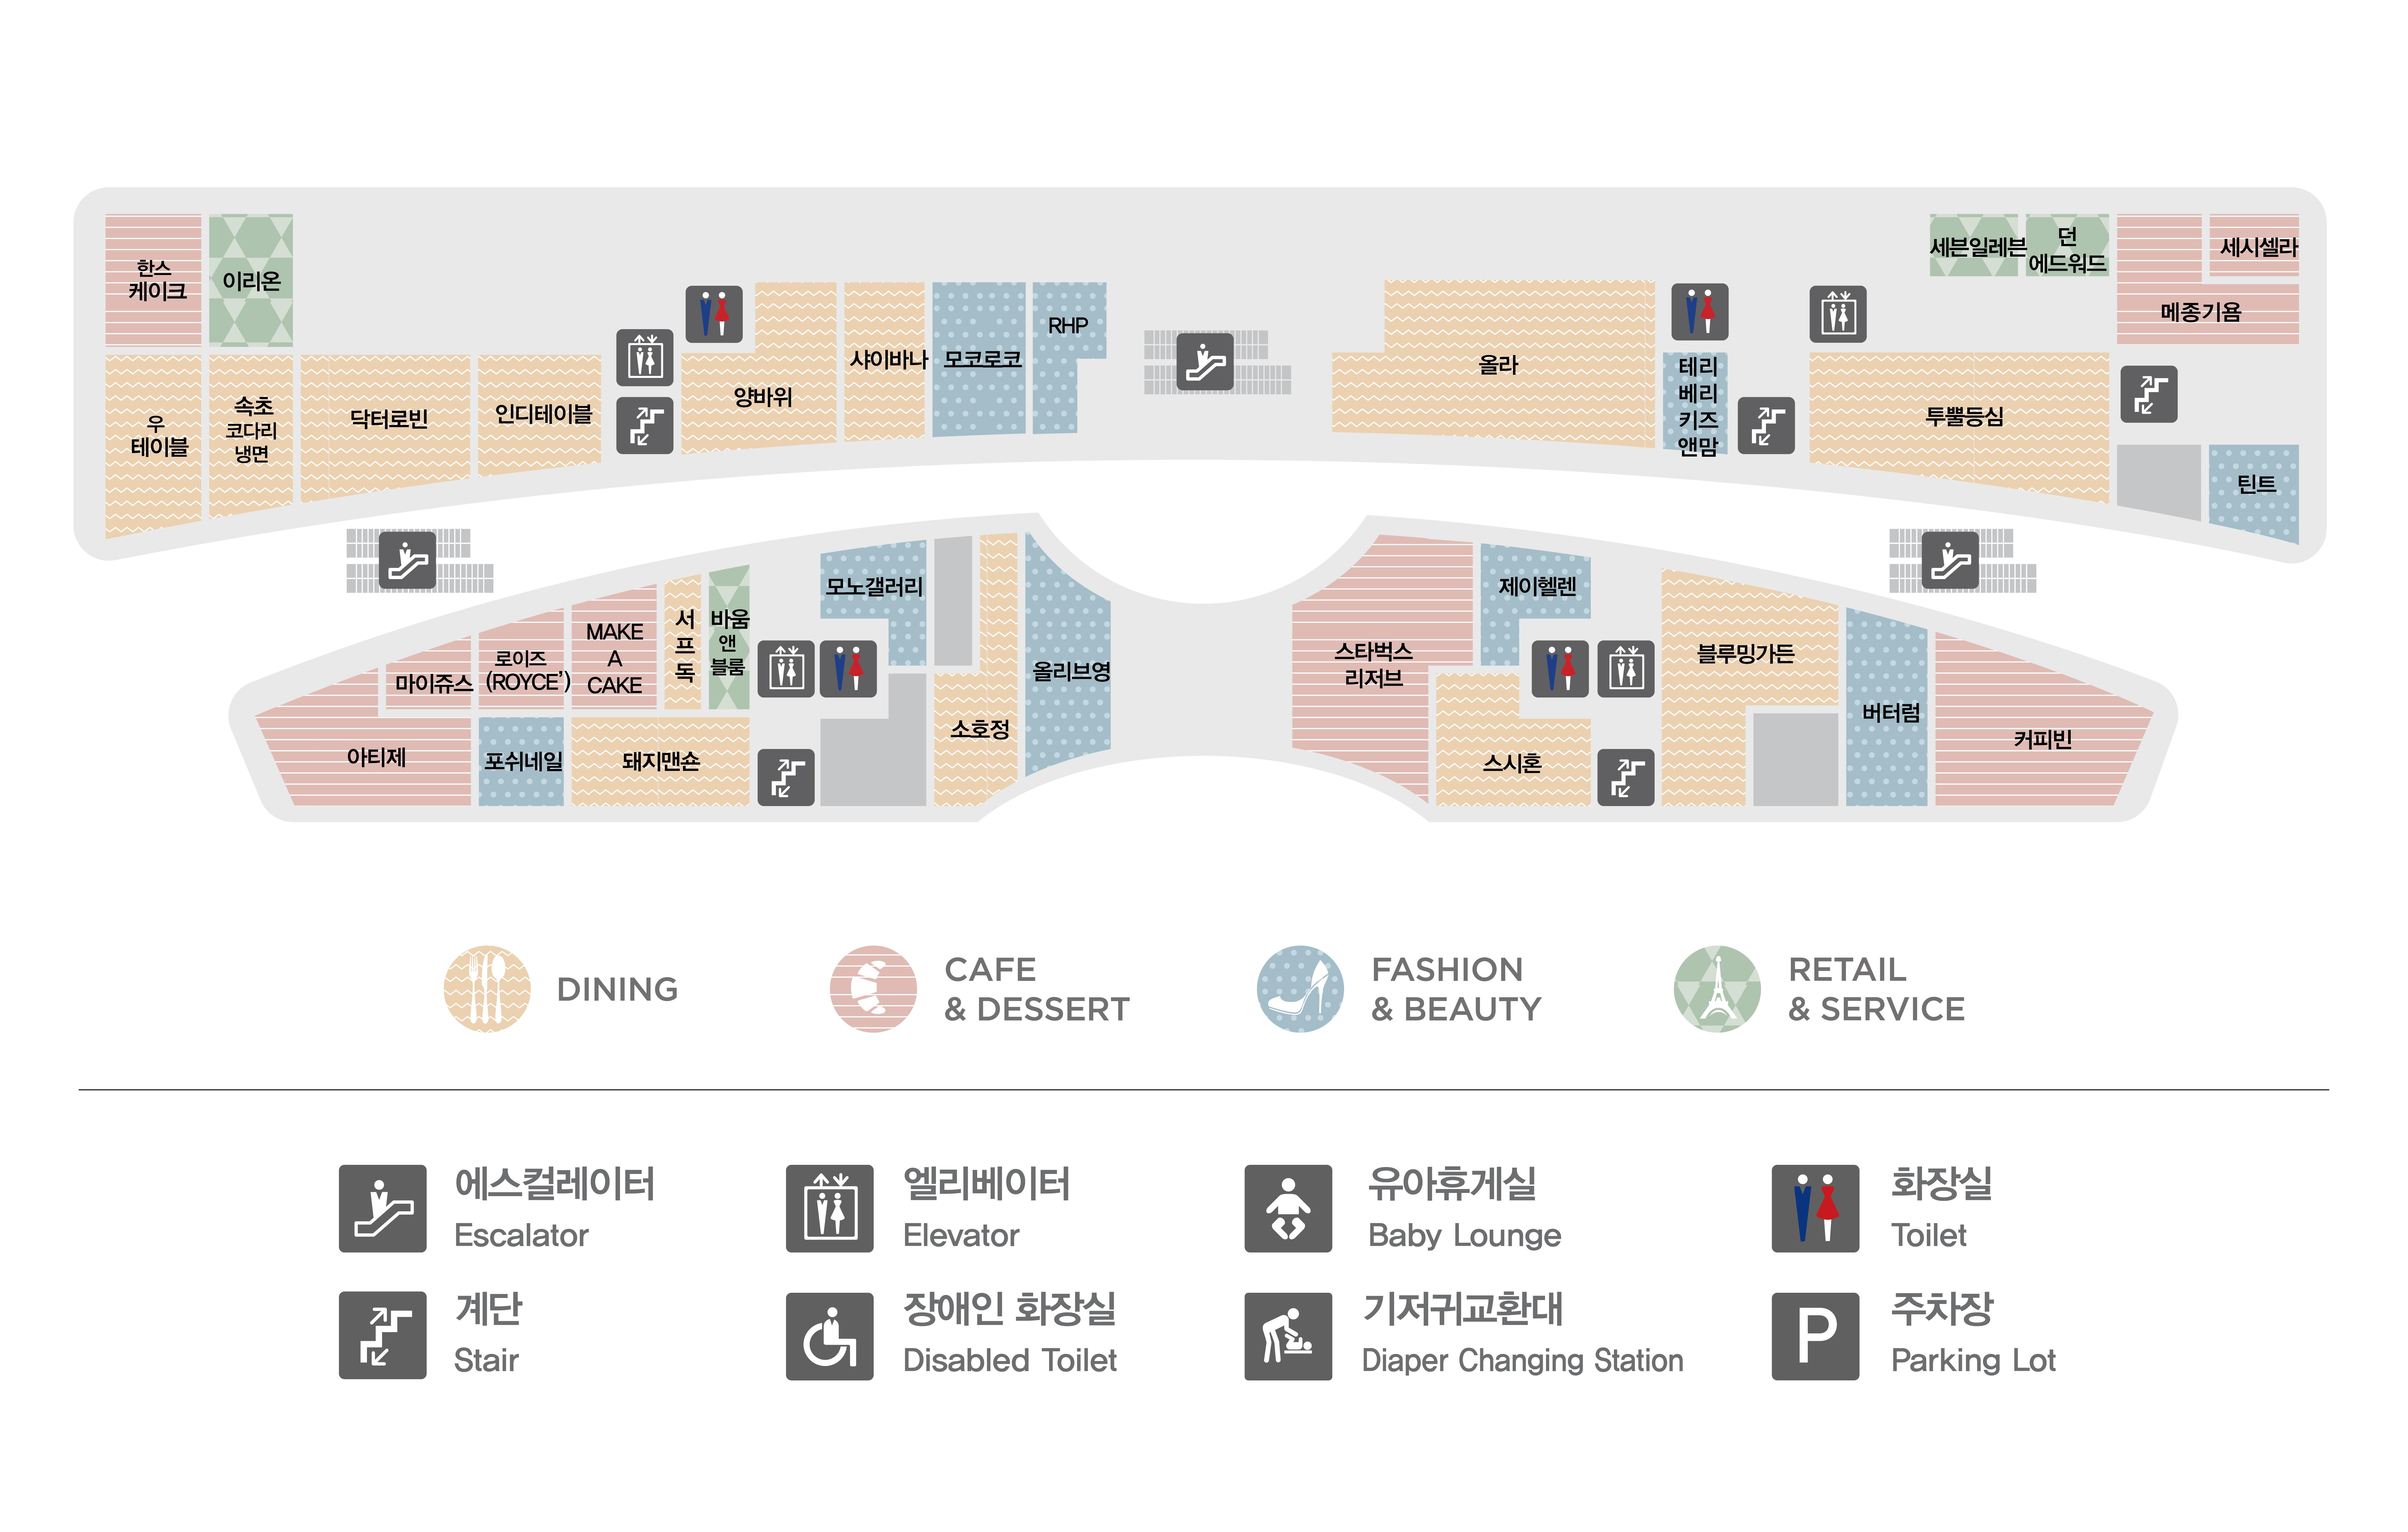 판교점 1층 매장 지도입니다. 1층에는 한스케이크(카페&디저트), 이리온(리테일&서비스), 우테이블(다이닝),속초코다리냉면(다이닝),닥터로빈(다이닝),인디테이블(다이닝),양바위(다이닝),샤이바나(다이닝),모코로코(패션&뷰티),RHP(패션&뷰티),올라(다이닝), 테리베리키즈앤맘(패션&뷰티), 세븐일레븐(리테일&서비스),던에드워드 페인트(리테일&서비스), 메종기욤(카페&디저트), 세시셀라(카페&디저트),투뿔등심(다이닝),틴트(패션&뷰티),마이쥬스(카페&디저트),로이즈 초콜릿(카페&디저트),메이크어케이크(카페&디저트),서프독(다이닝),바움앤블룸(리테일&서비스), 모노갤러리(패션&뷰티), 포쉬네일(패션&뷰티),돼지맨숀(다이닝),소호정(다이닝),올리브영(패션&뷰티),아티제(카페&디저트),제이헬렌(패션&뷰티), 블루밍가든(다이닝), 버터럼(패션&뷰티), 커피빈(카페&디저트), 스시혼(다이닝), 스타벅스 리저즈(카페&디저트) 총 35개 매장이 입점해있습니다. 또한 화장실 총 4개, 에스컬레이터, 엘레베이터, 비상계단이 있습니다. 화장실과 엘레베이터는 양바위, 투뿔등심, 바움앤블룸, 제이헬렌 매장 옆에 있습니다.